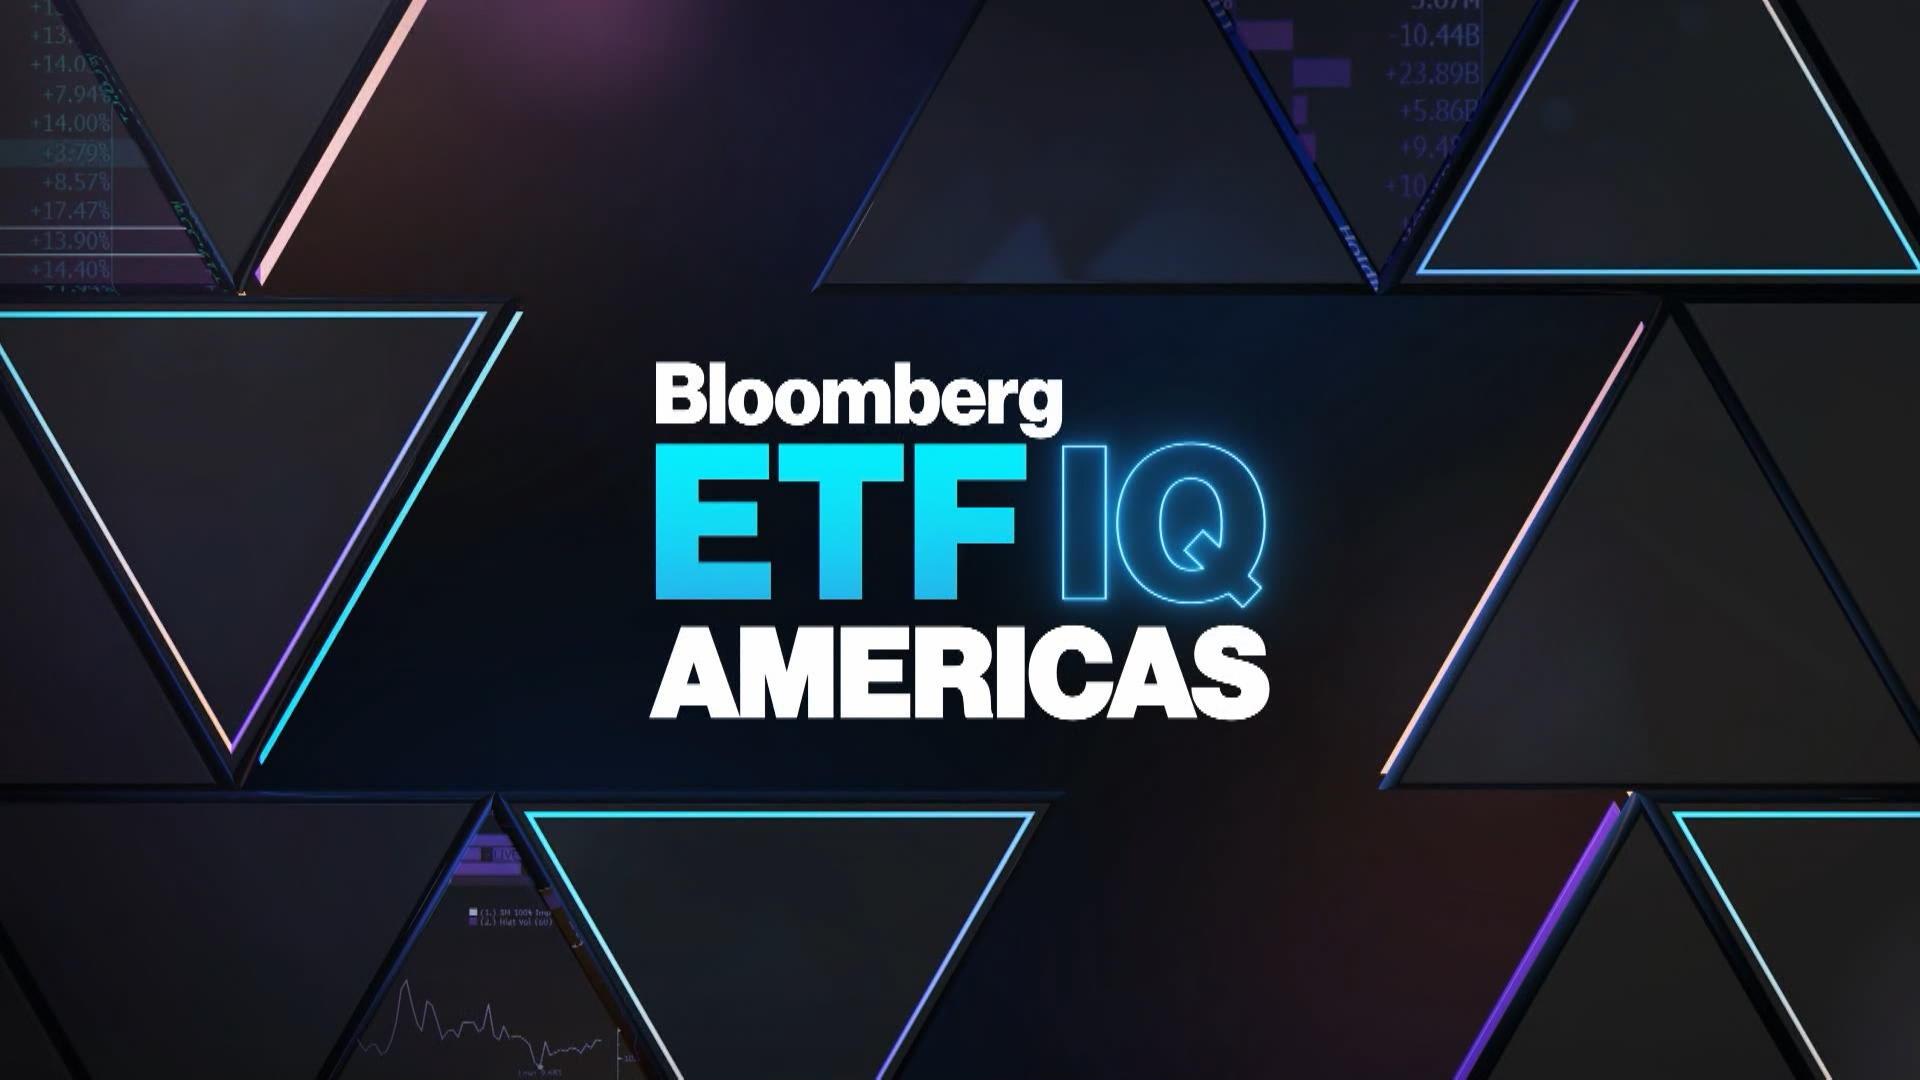 'Bloomberg ETF IQ' Full Show (02/19/2020)